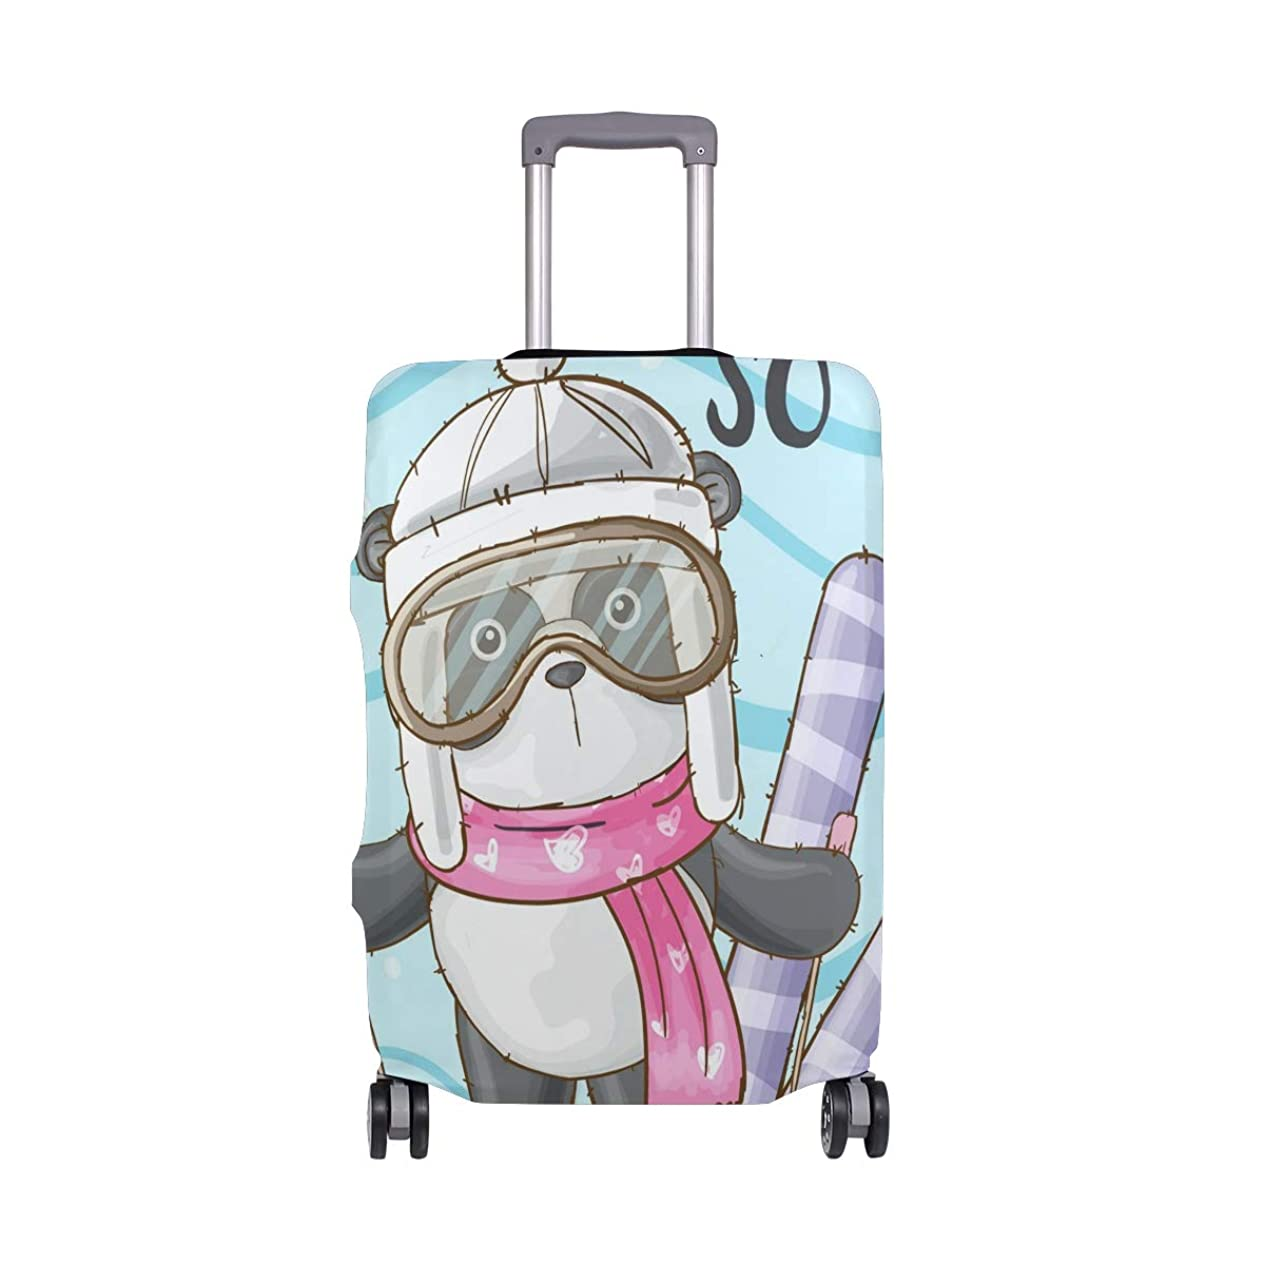 灰紳士満足させるかわいい動物 パンダ スーツケースカバー 弾性素材 おしゃれ トラベルダストカバー 傷防止 防塵カバー 洗える 18-32インチの荷物にフィット